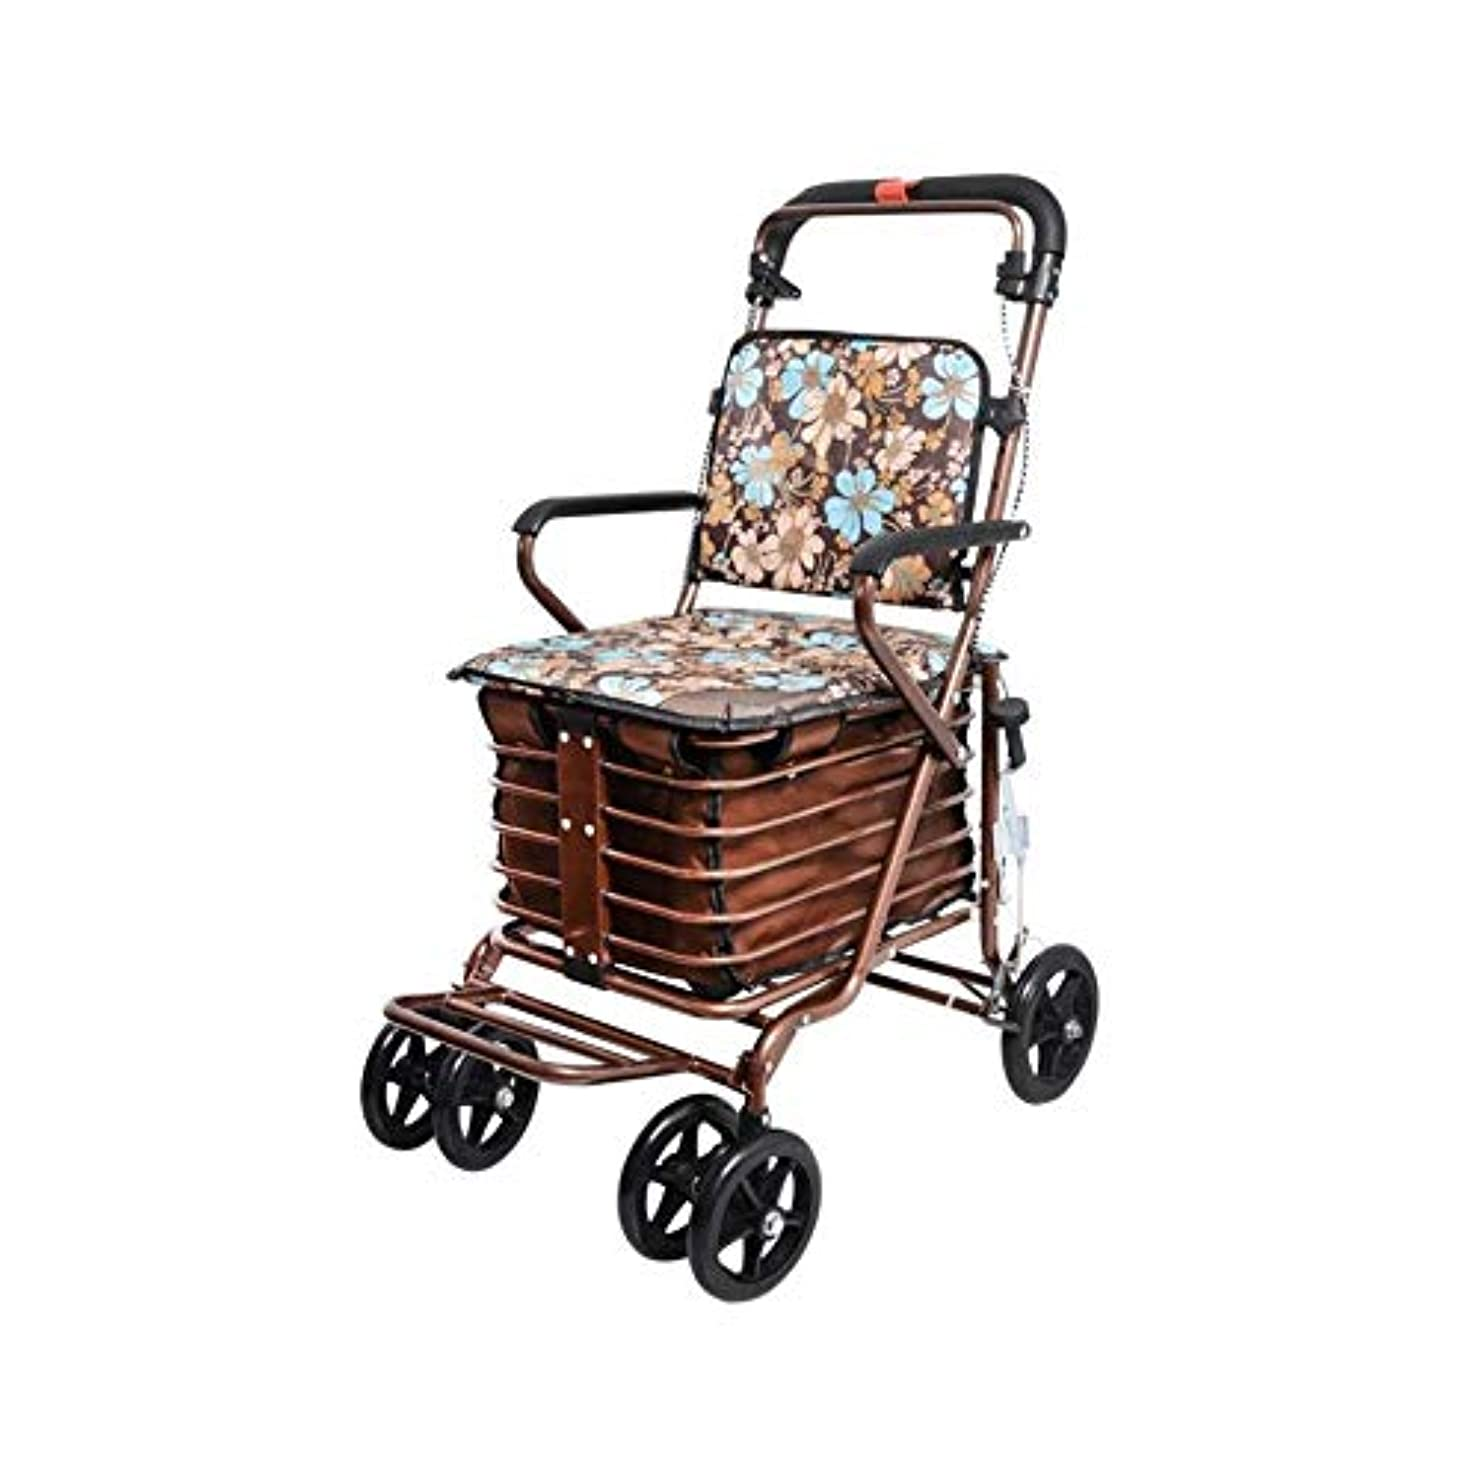 英語の授業がありますプライバシークレジット軽量の高齢者の歩行者、折る携帯用歩行器の補助歩行者の4つの車輪のショッピングカートハンドブレーキが付いている頑丈な歩行者 (Color : Color1)